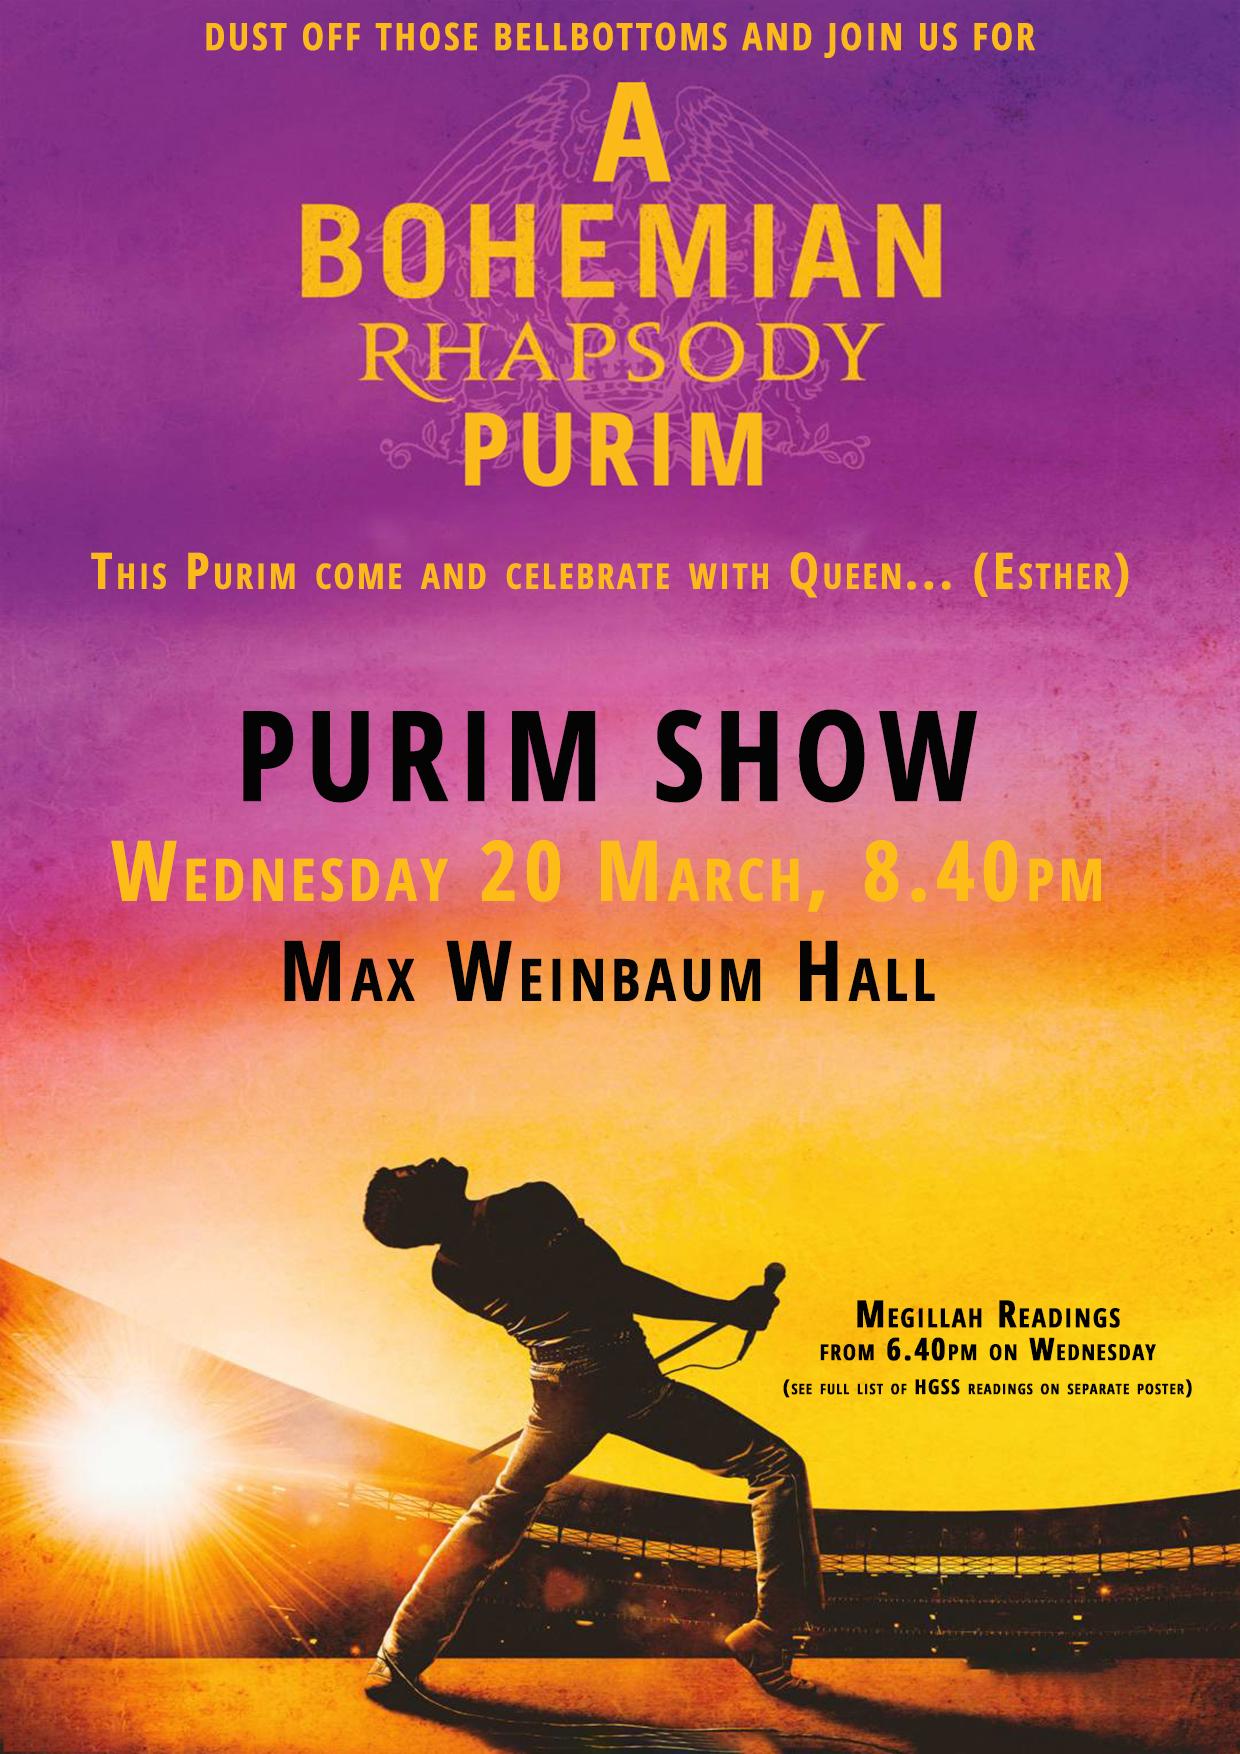 Purim Show @ Max Weinbaum Hall